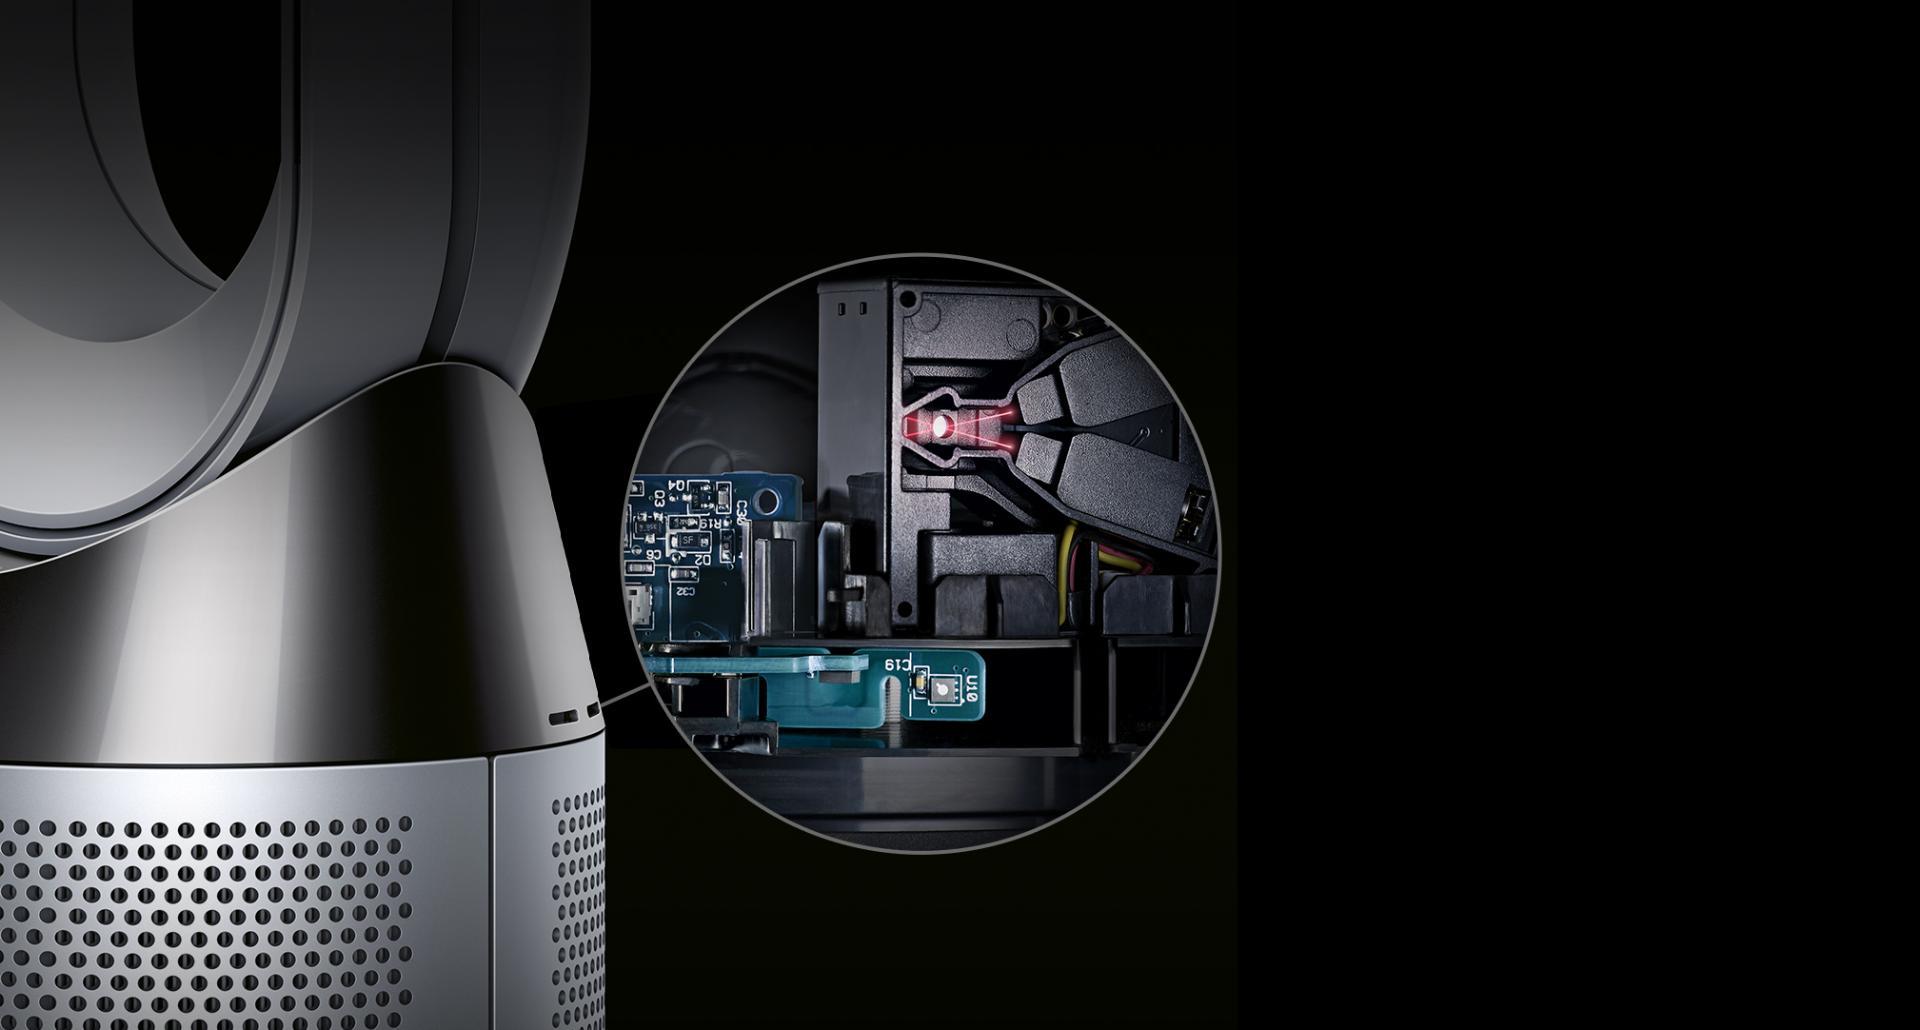 صورة مُقرّبة لآليات العمل الداخلية للمروحة المُنقية للهواء Dyson Pure Cool™